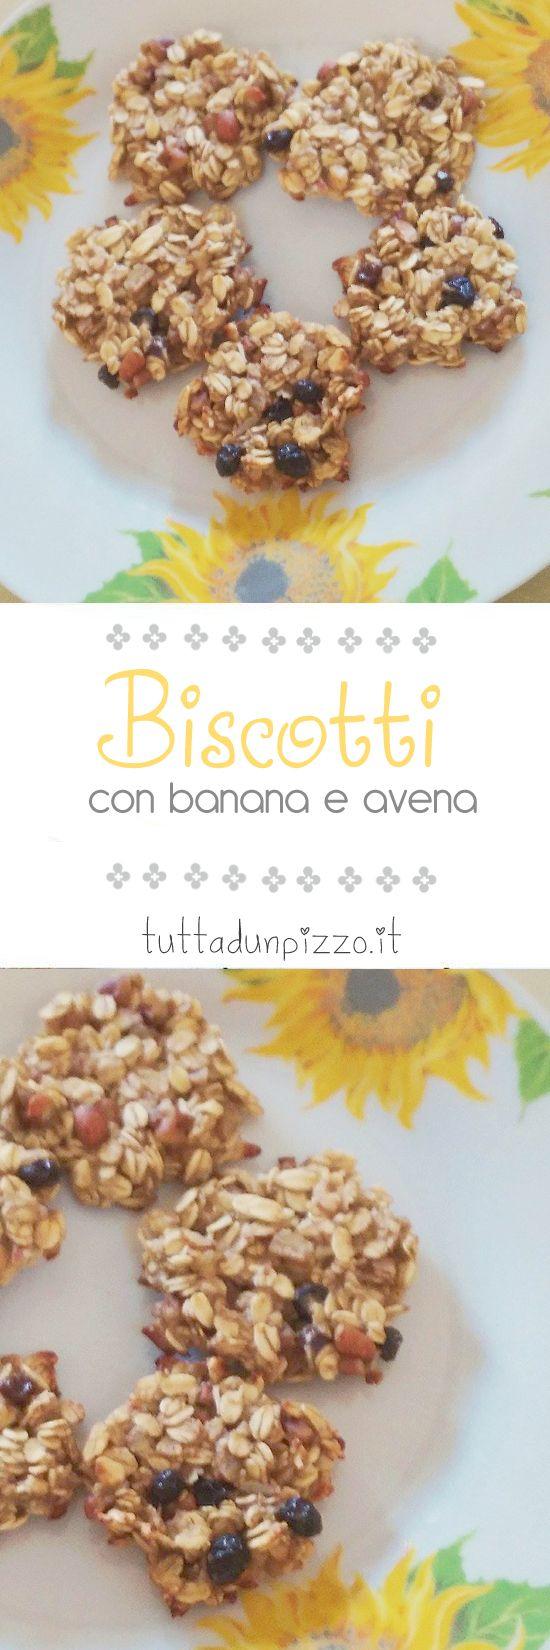 Una #ricetta perfetta per la vostra #colazione: i #biscotti con banana e fiocchi d'avena! Si preparano in cinque minuti e con soli tre ingredienti. In più, sono perfetti anche per i #vegani. Provateli, non ve ne pentirete!